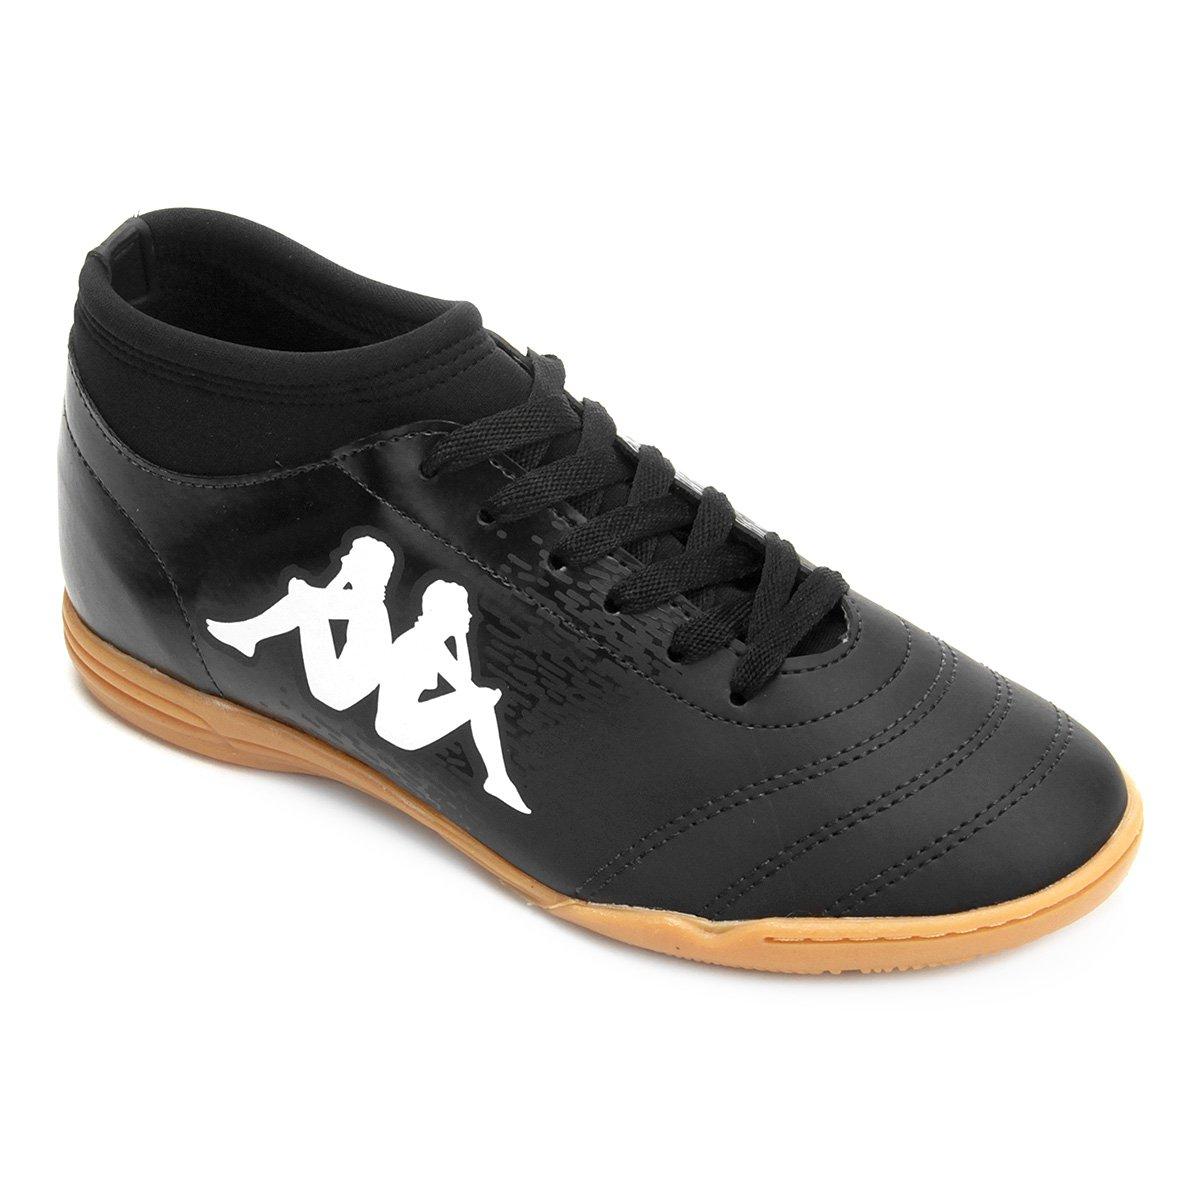 c97b307a45 Chuteira Futsal Kappa Agility